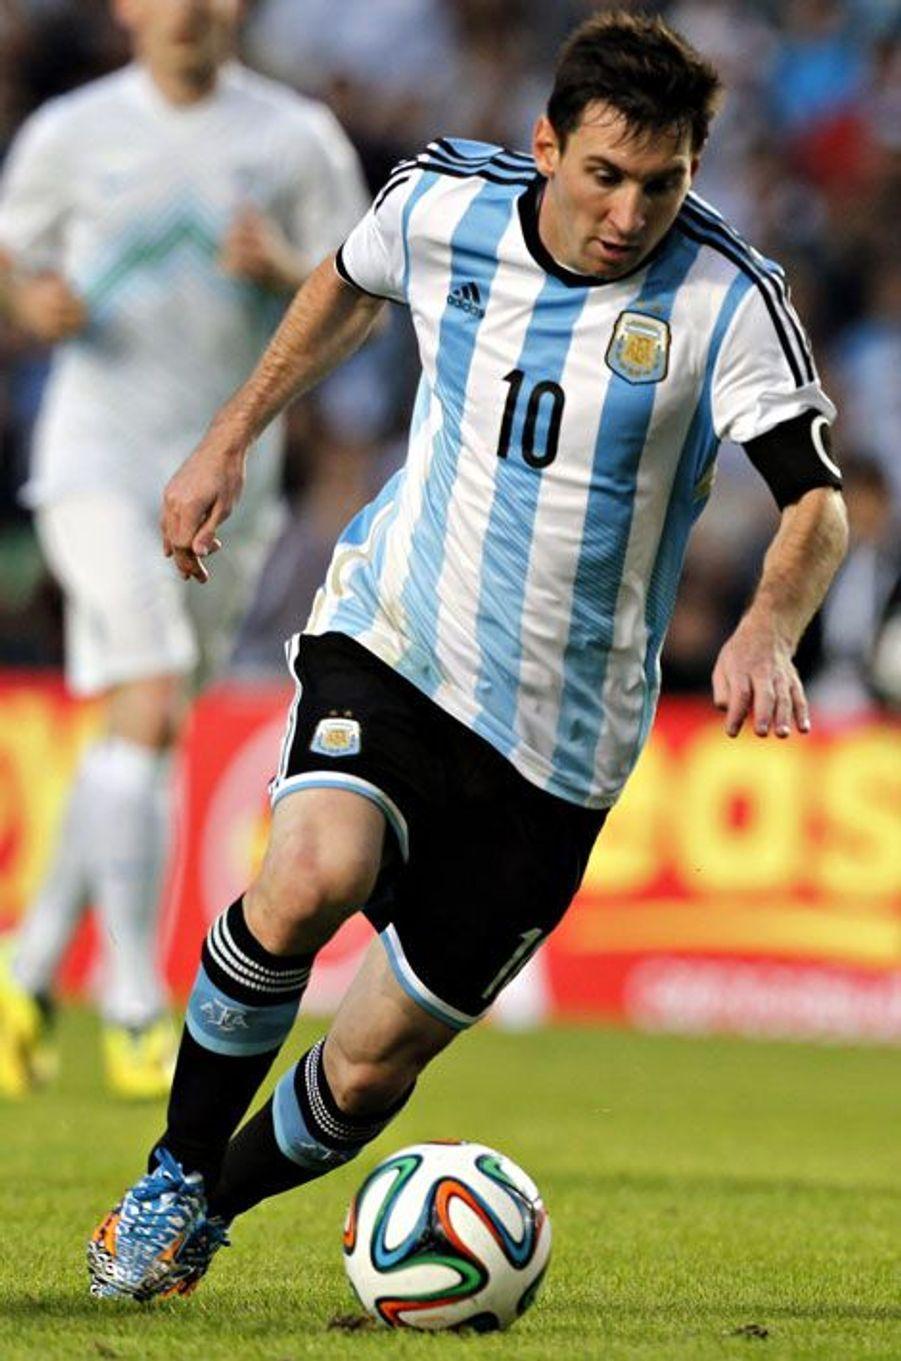 Leonardo Messi, Argentine